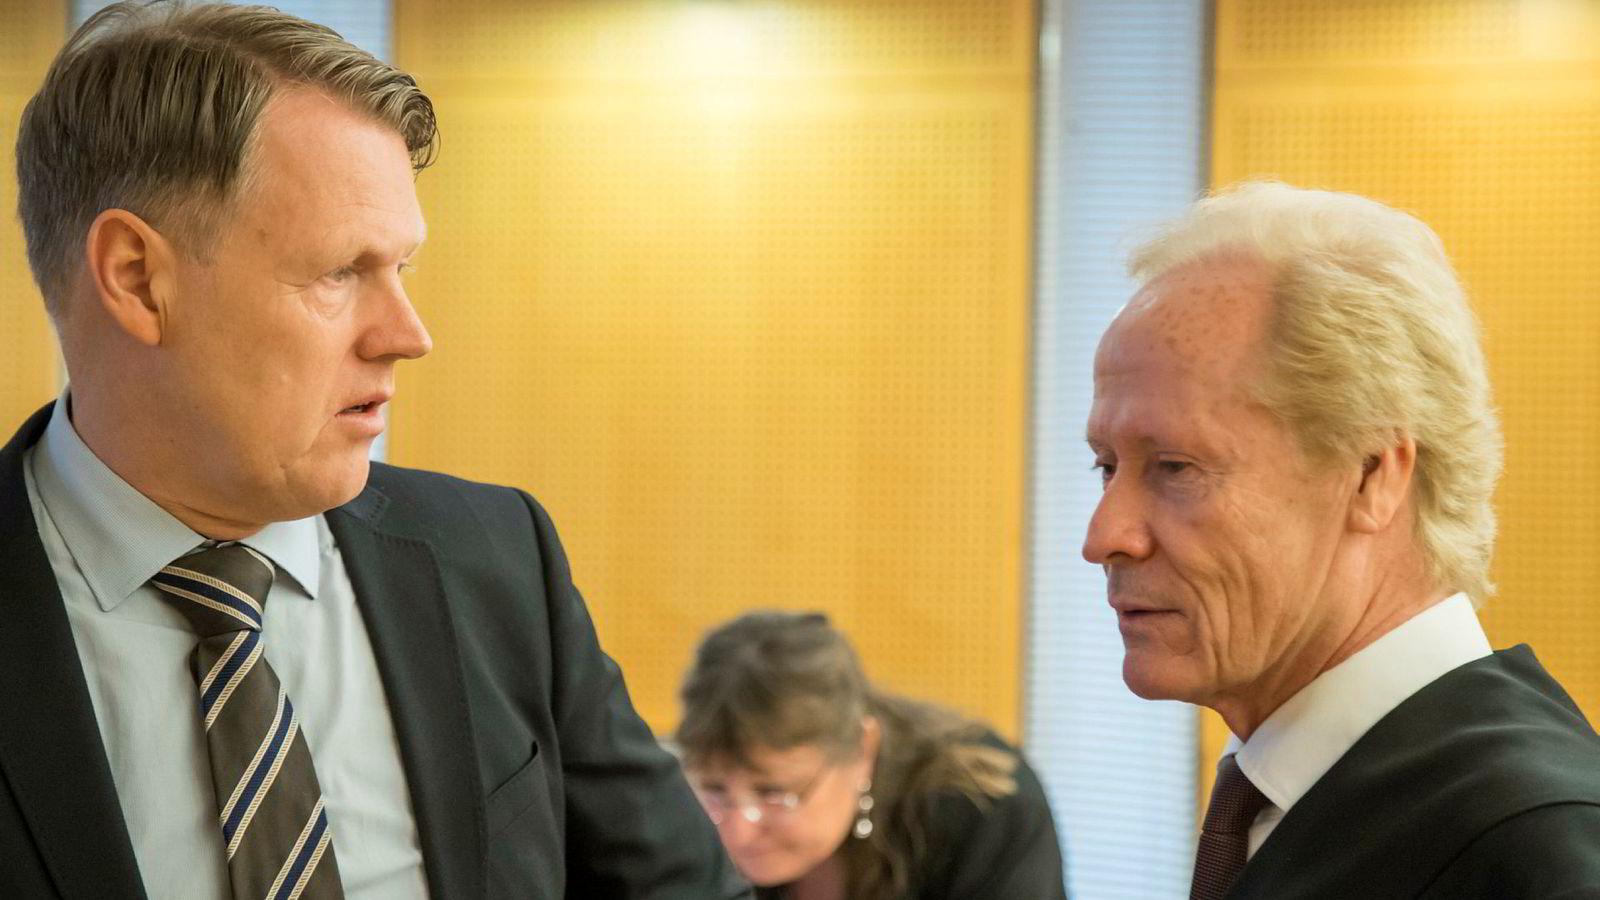 Hjernekirurg Per Kristian Eide (t.v.) og hans advokat Per Danielsen. Foto: Heiko Junge / NTB scanpix